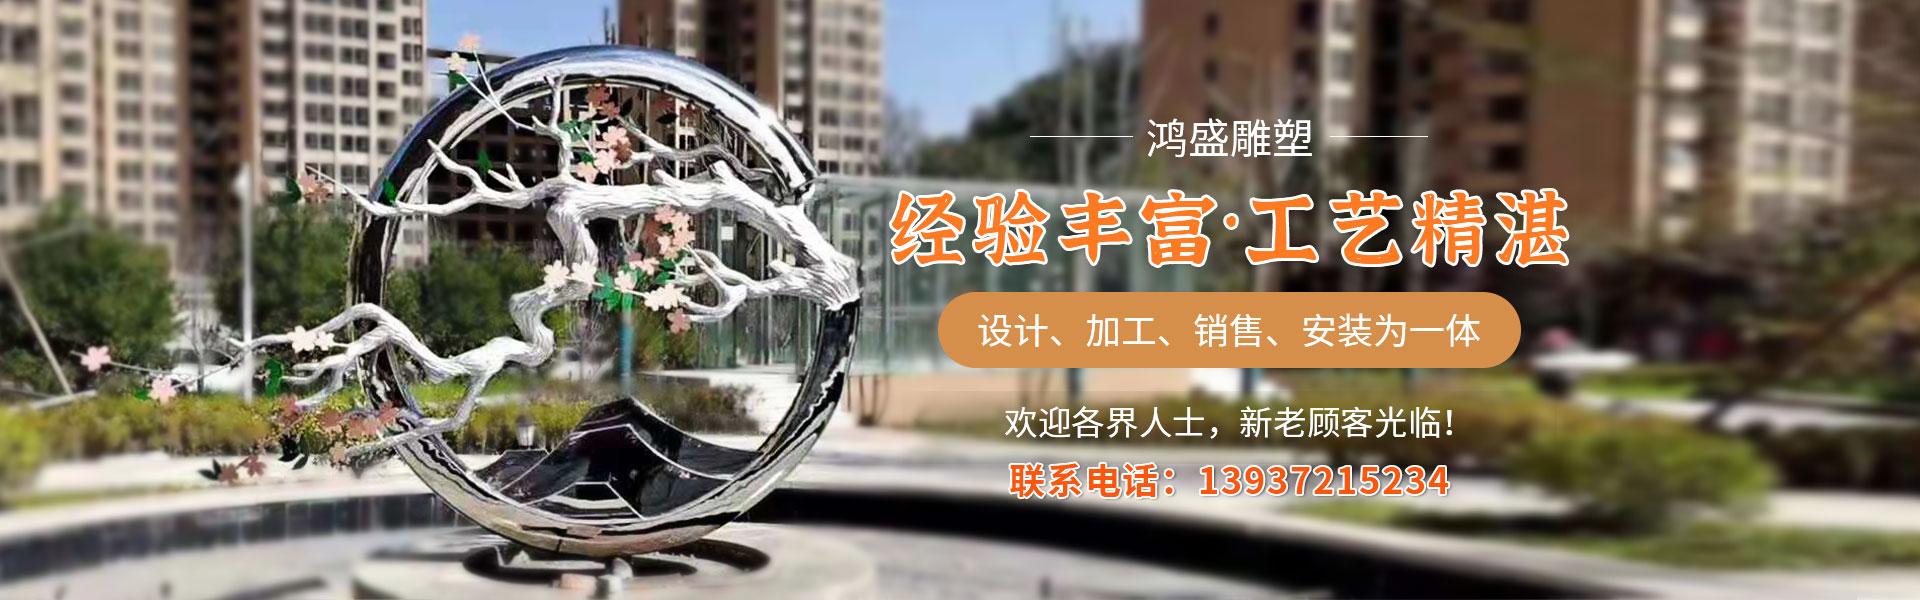 河南不銹鋼雕塑,安陽玻璃鋼雕塑